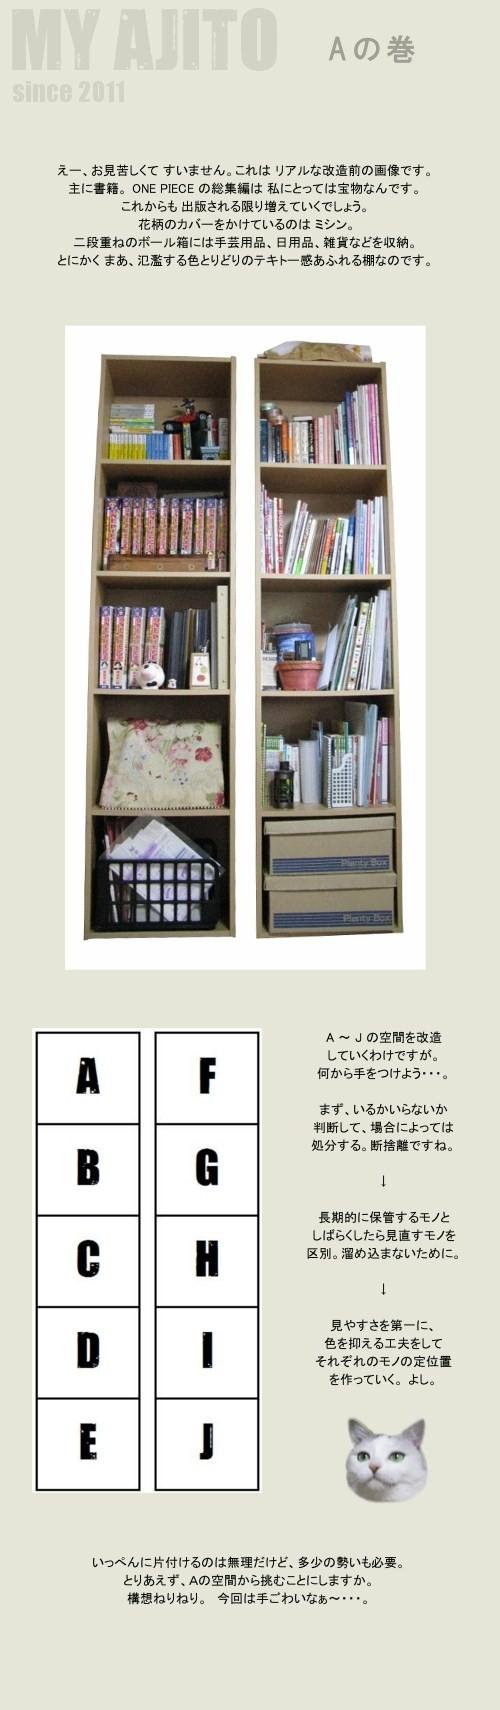 Aの巻_1